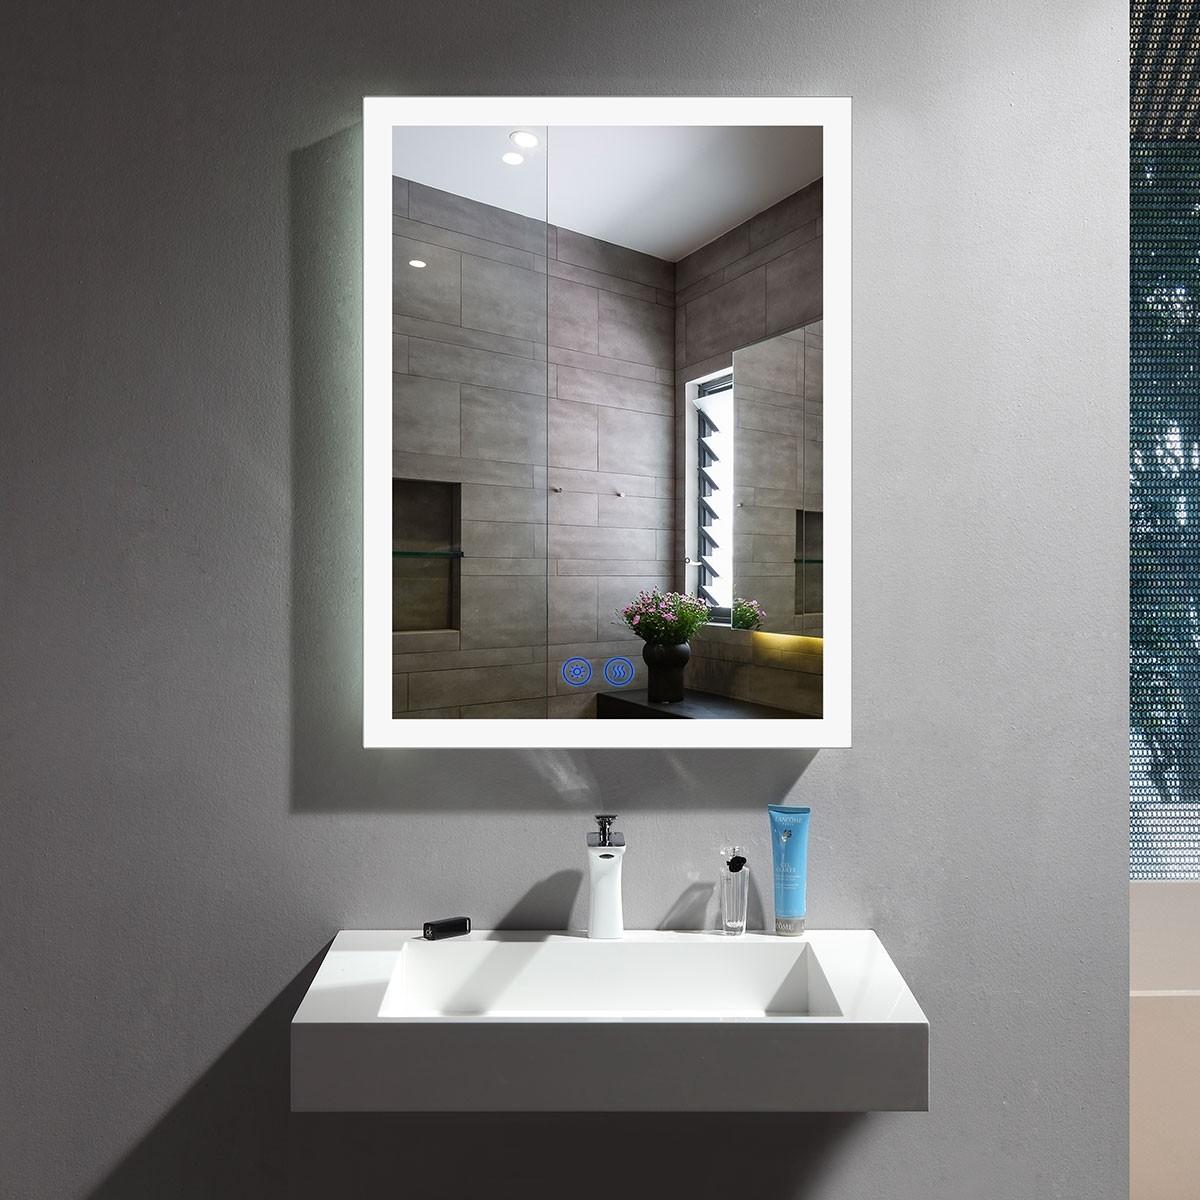 DECORAPORT 20 x 28 Po Miroir de Salle de Bain LED avec Bouton Tactile, Anti-Buée, Luminosité Réglable, Montage Vertical & Horizontal (NT16-2028)